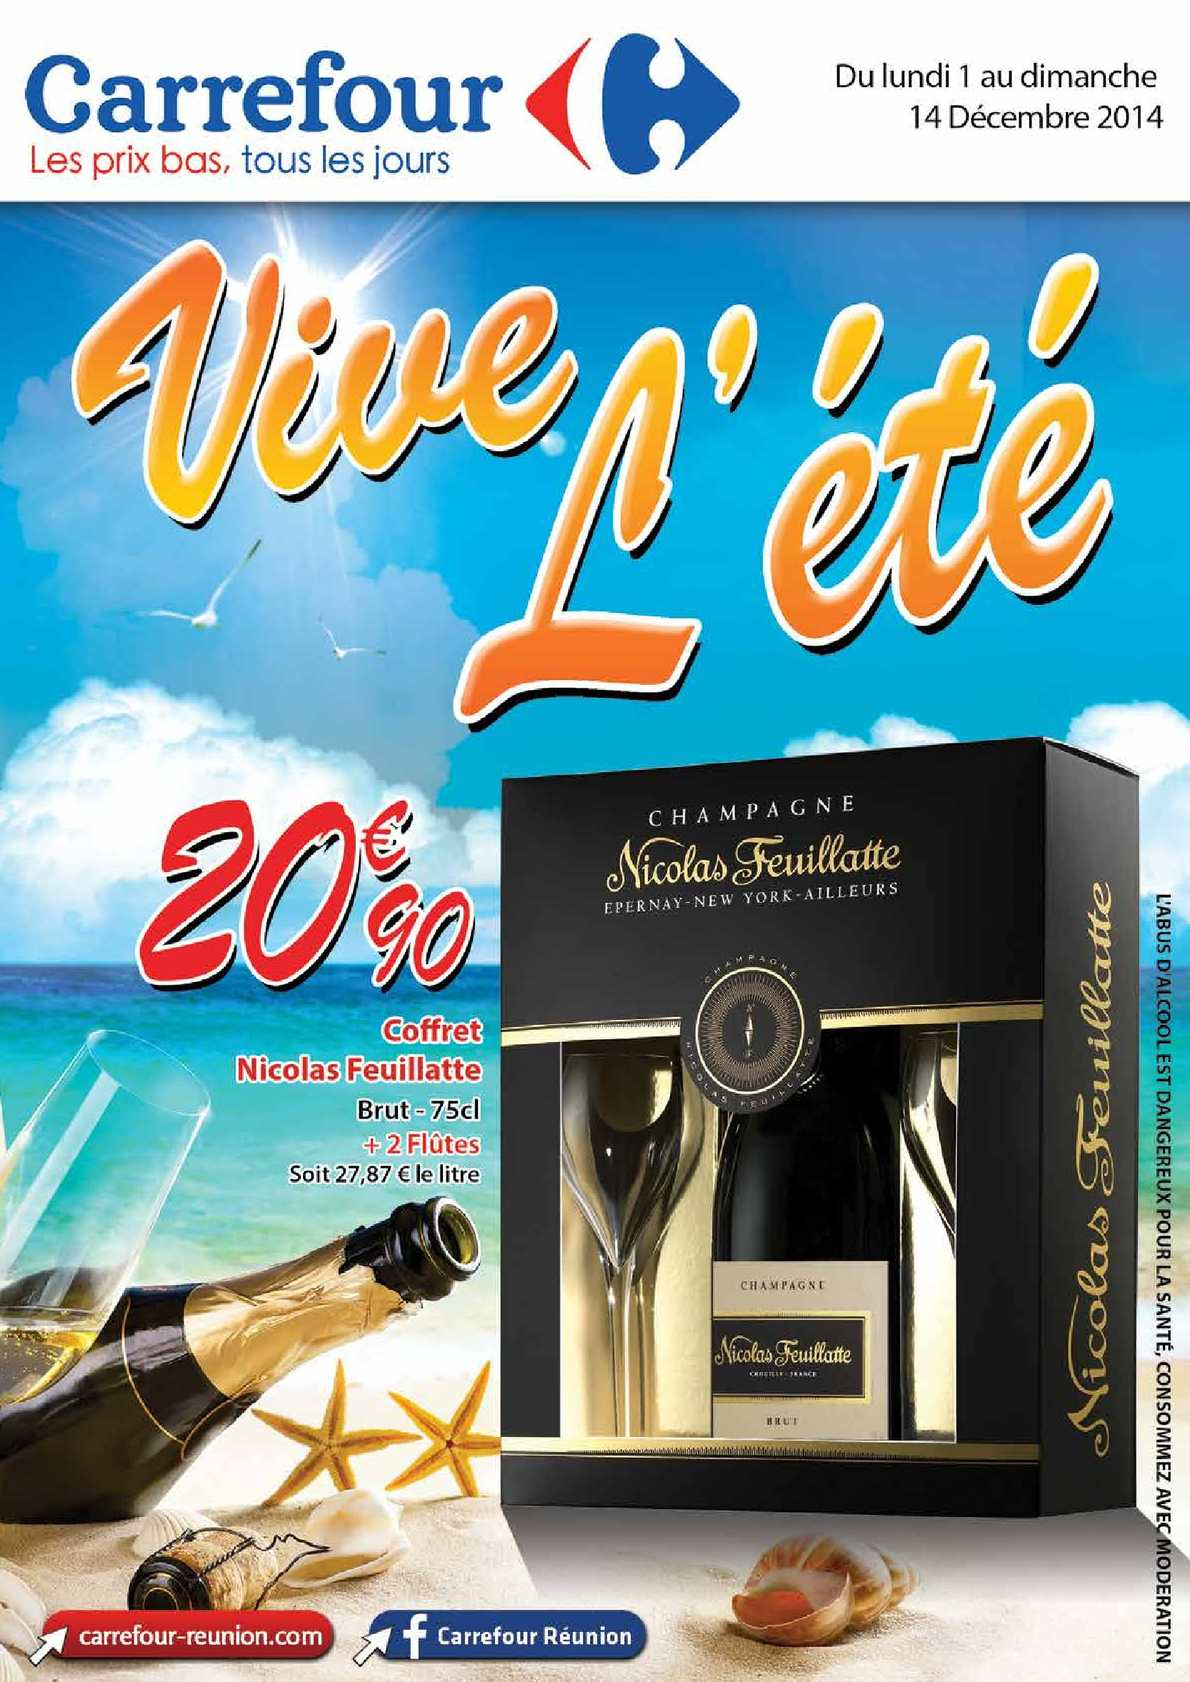 Calaméo Carrefour Vive Lete